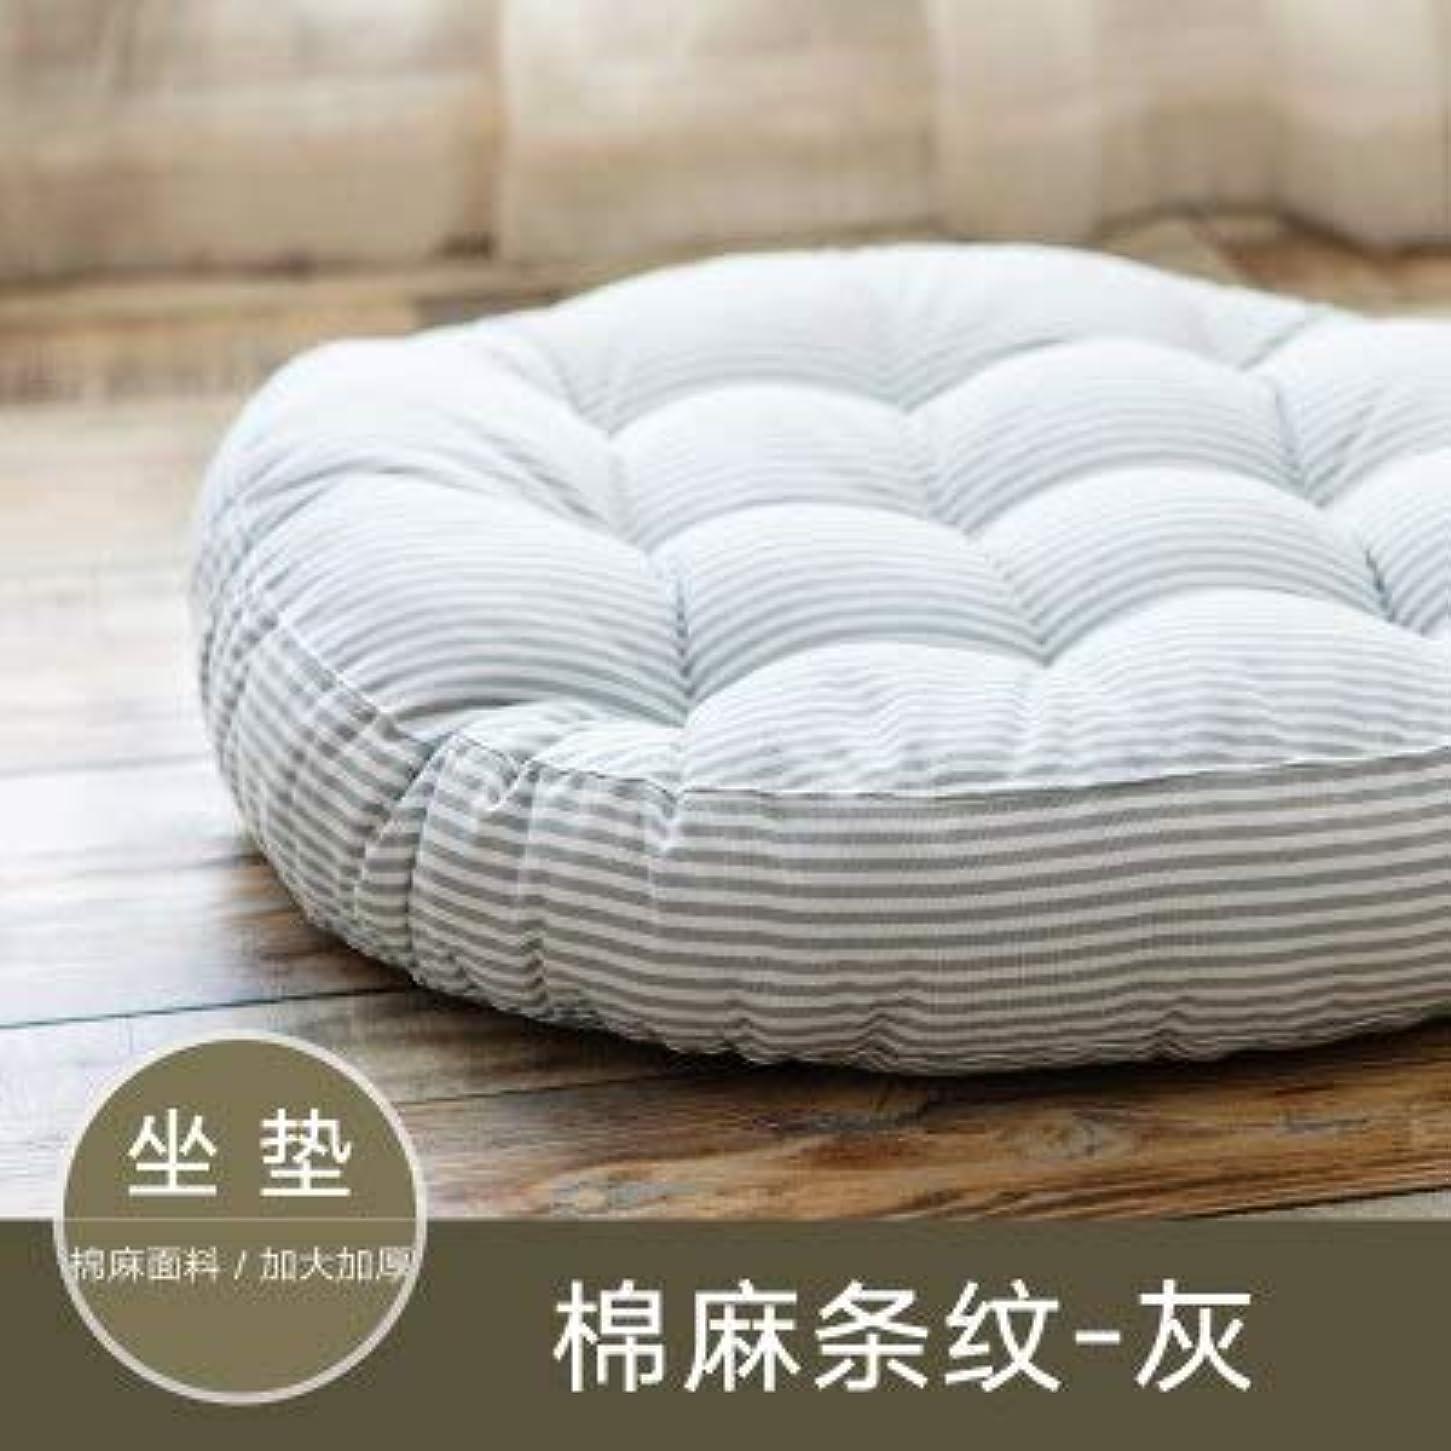 たまに永久に香水LIFE ラウンド厚い椅子のクッションフロアマットレスシートパッドソフトホームオフィスチェアクッションマットソフトスロー枕最高品質の床クッション クッション 椅子